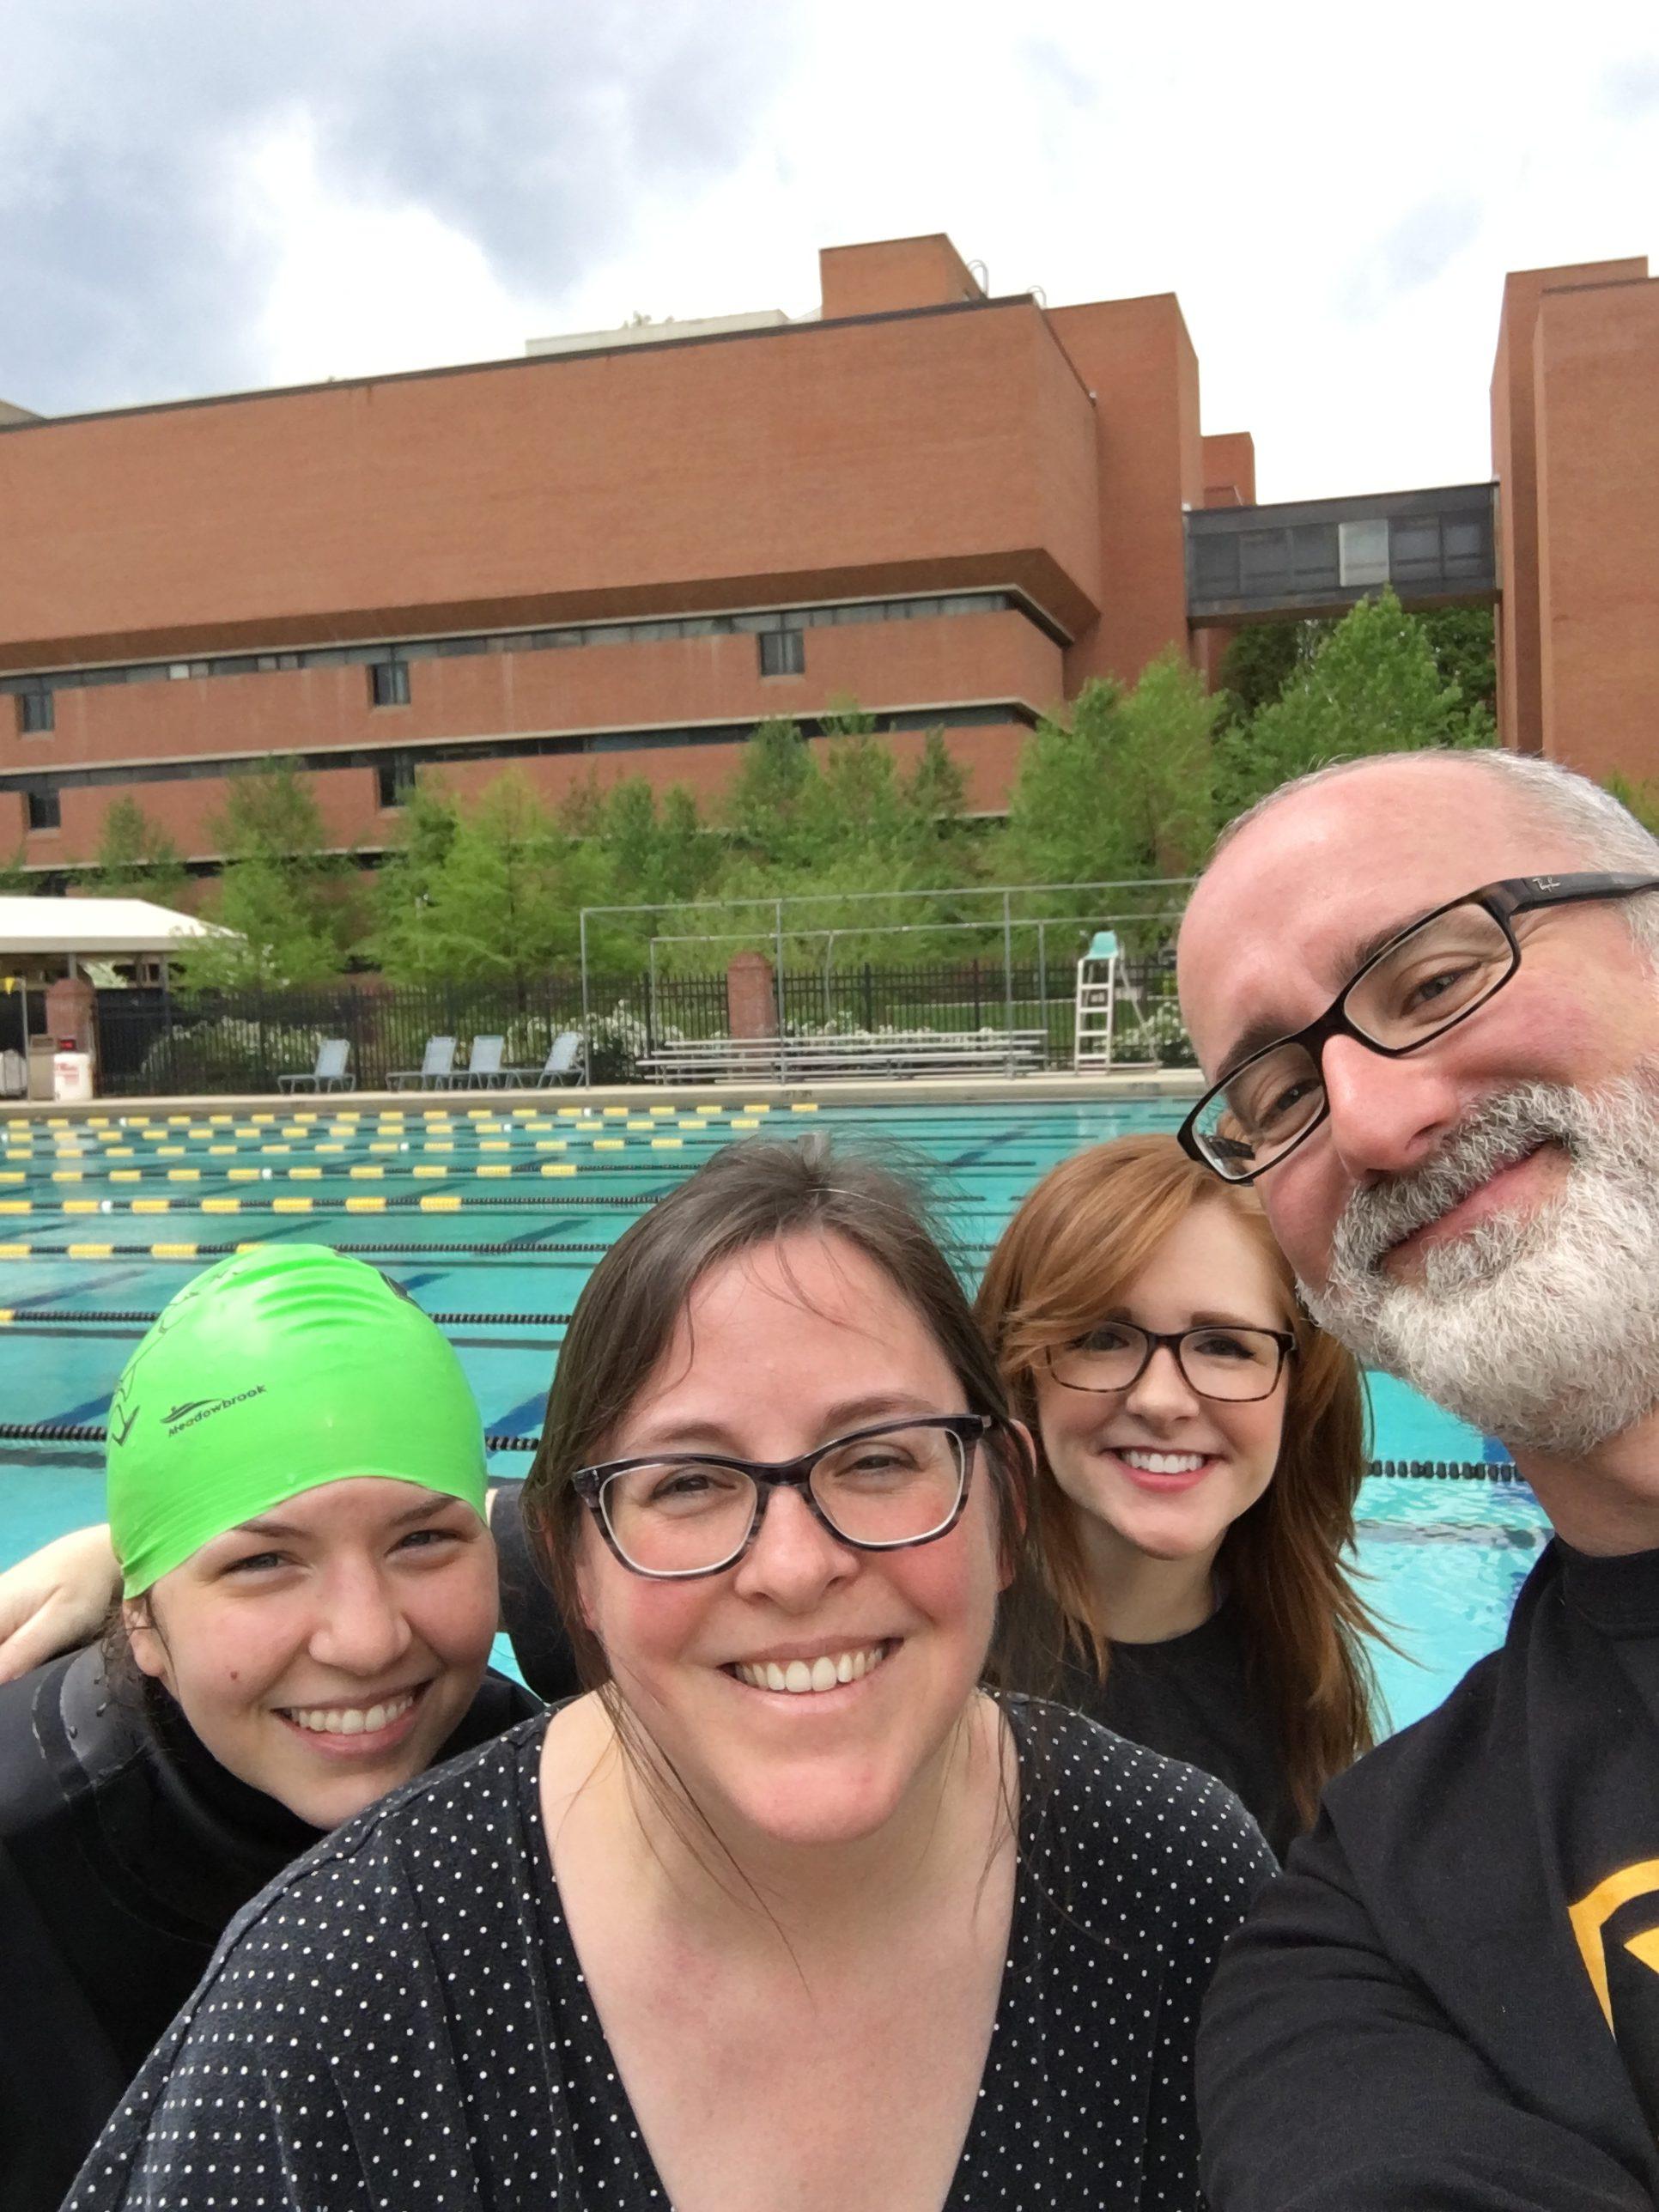 staff takes selfie by pool